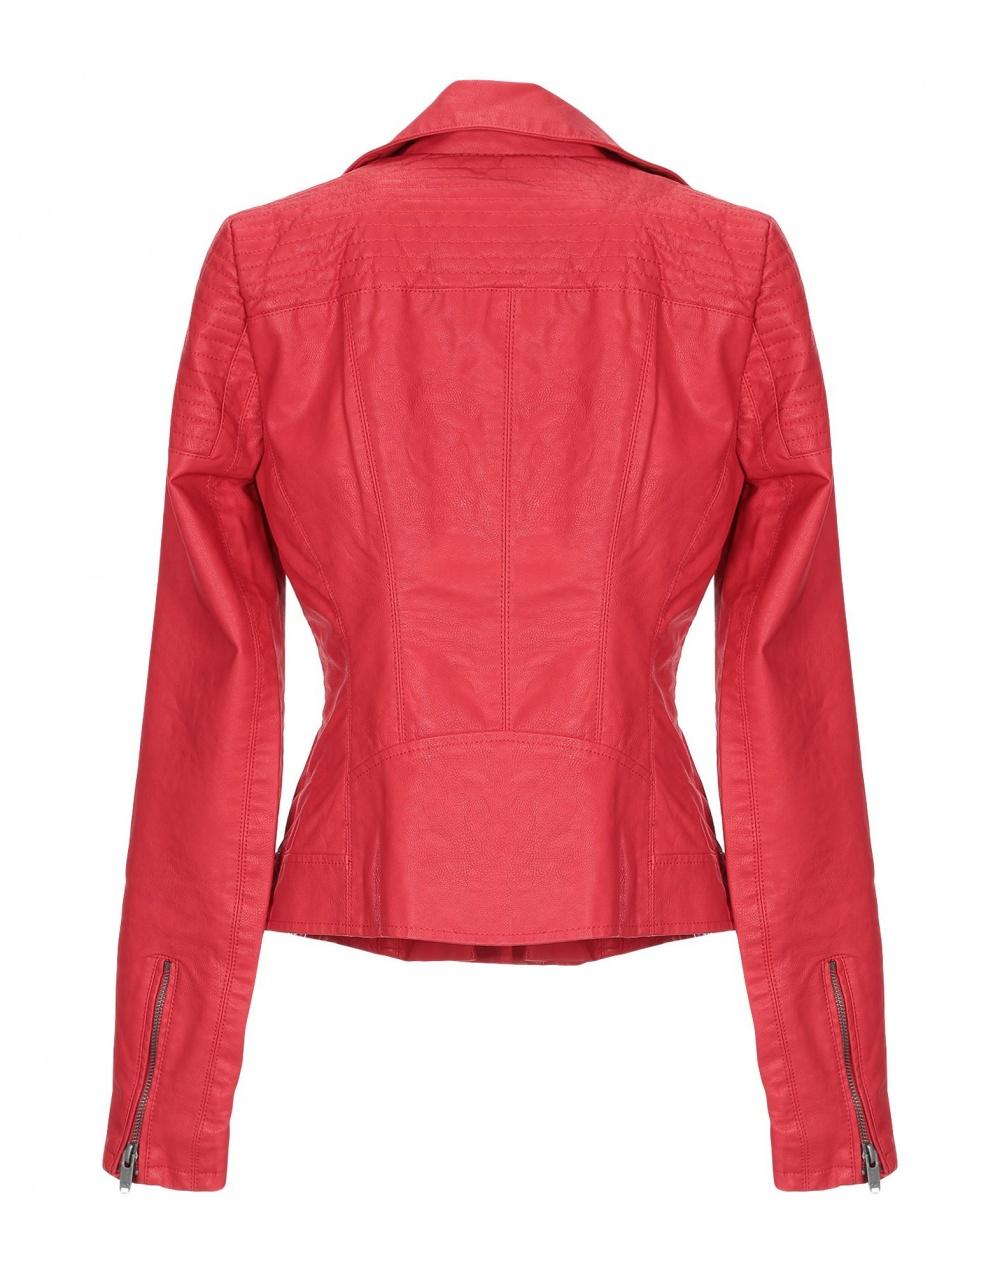 Куртка косуха Only на 44-46